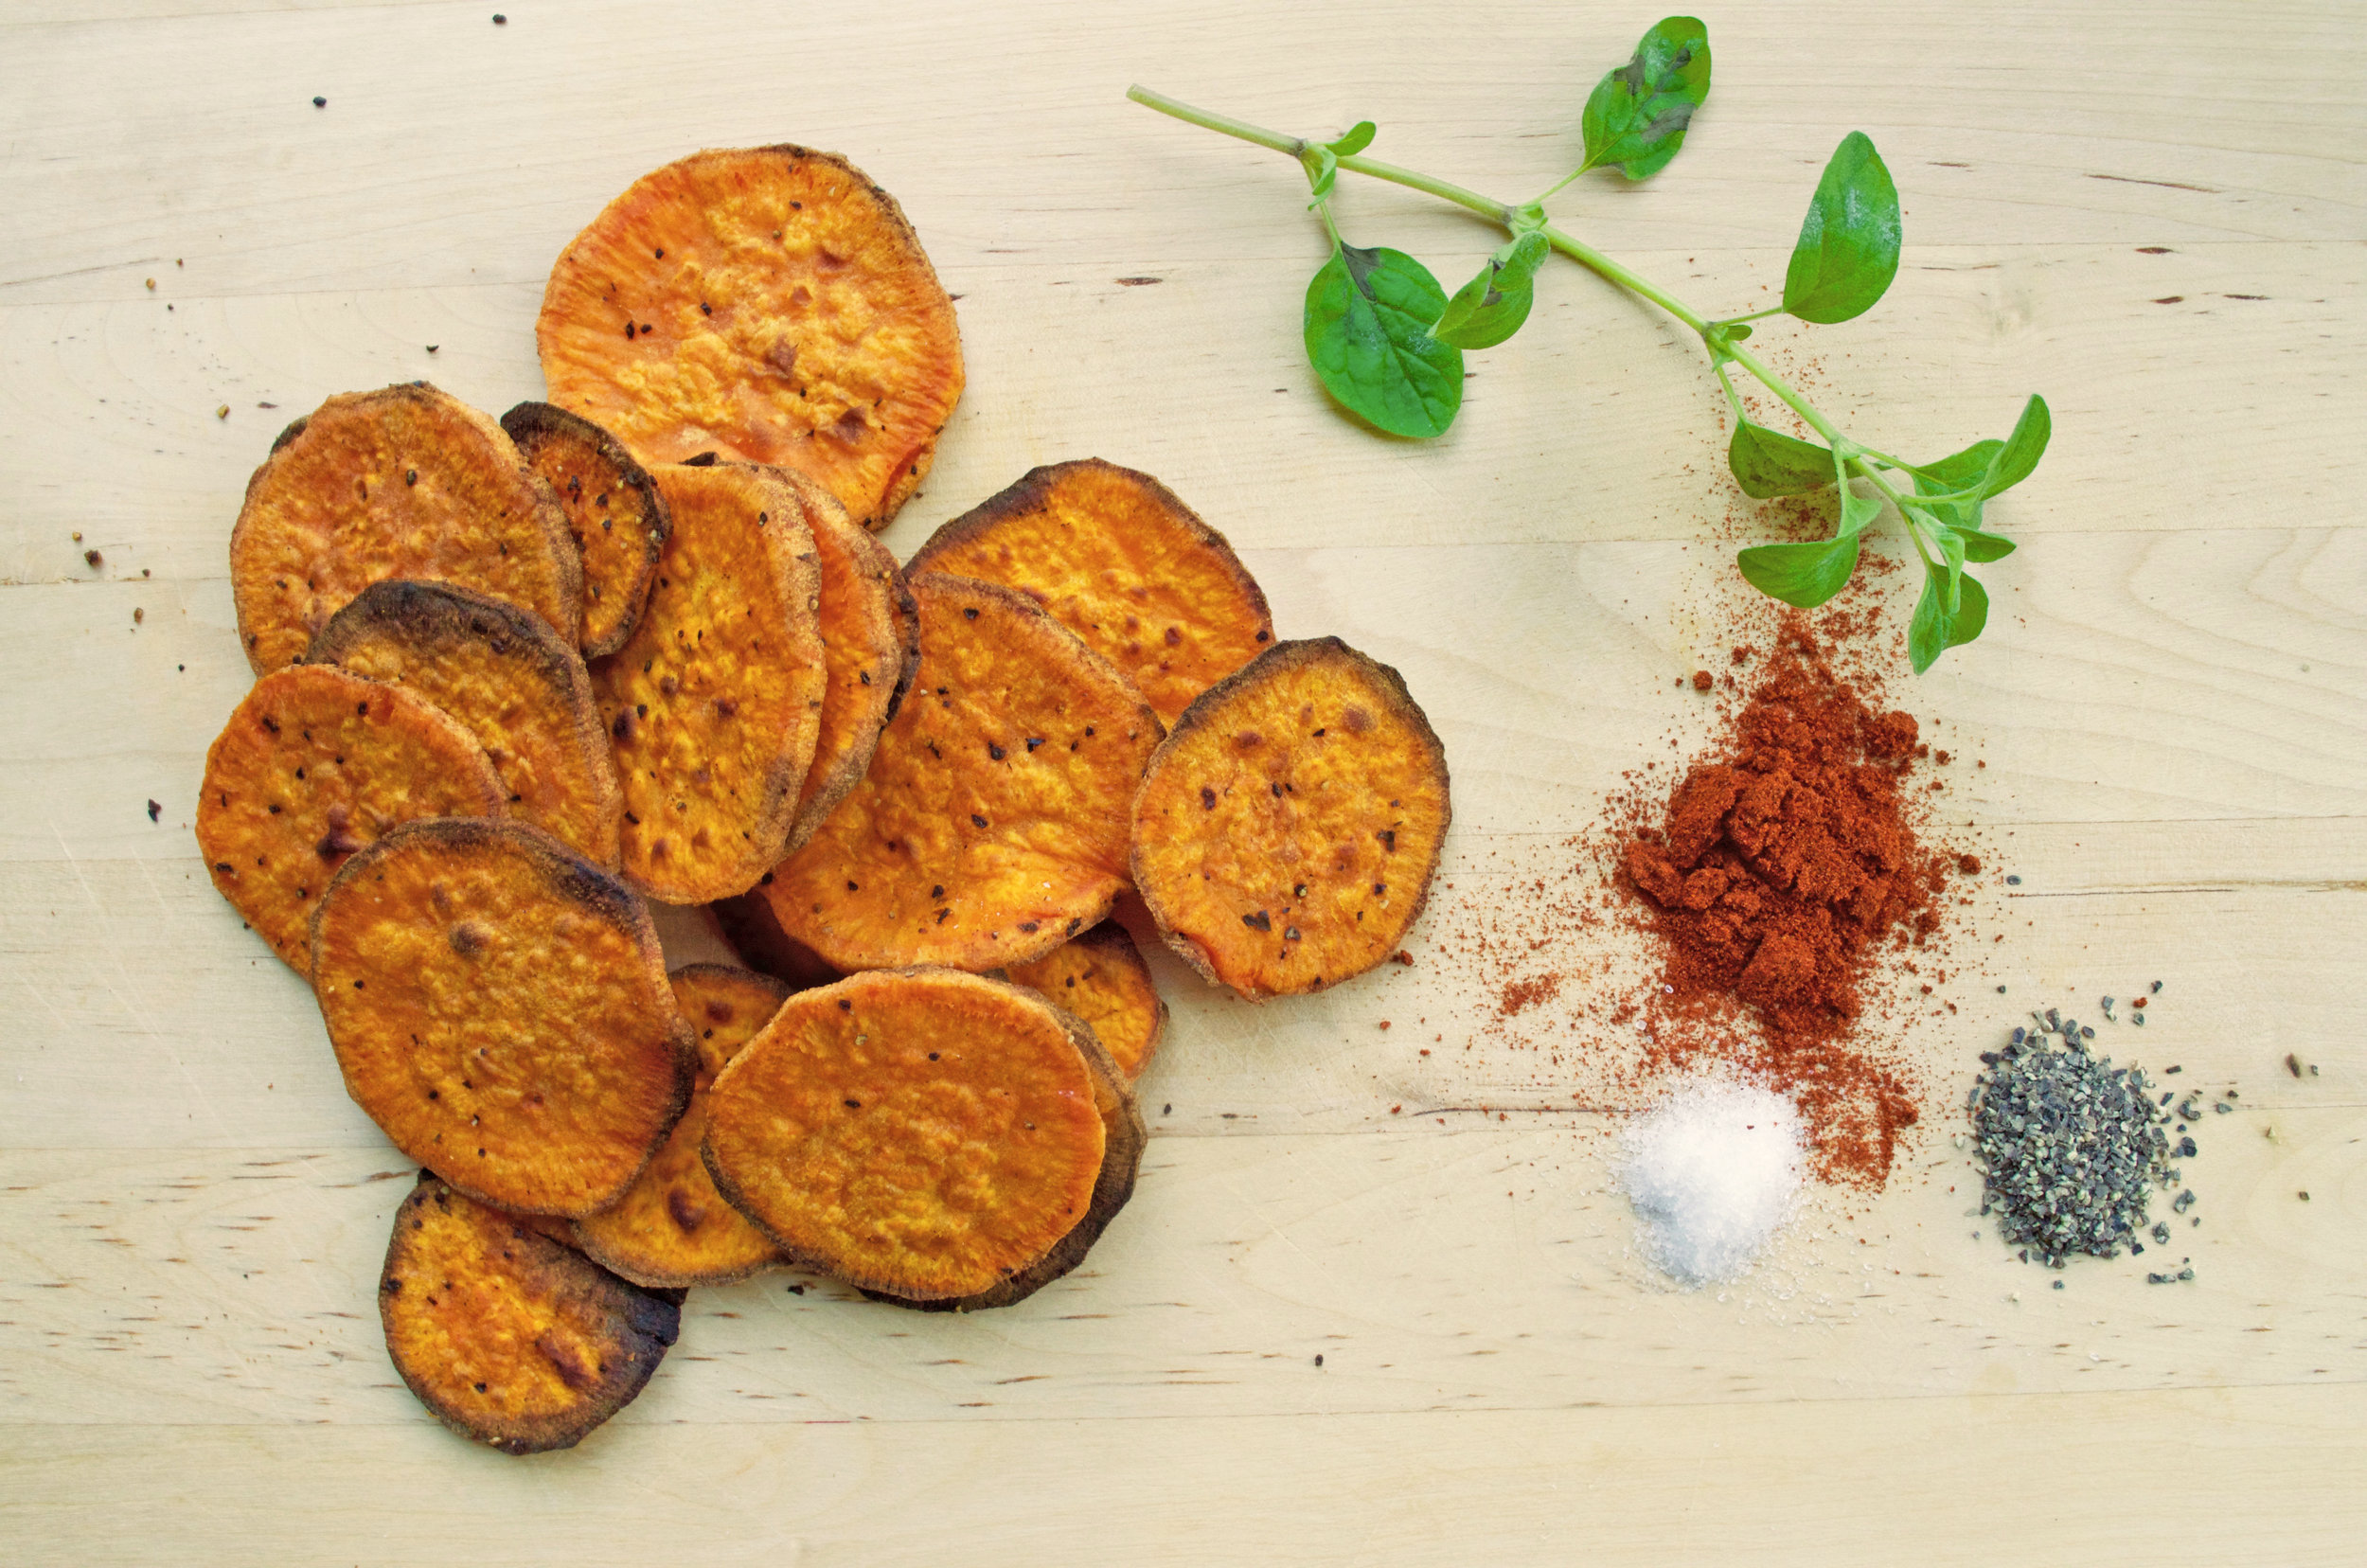 Healthy-Snack-Sweet-Potato-Chips_DSC0040.jpg